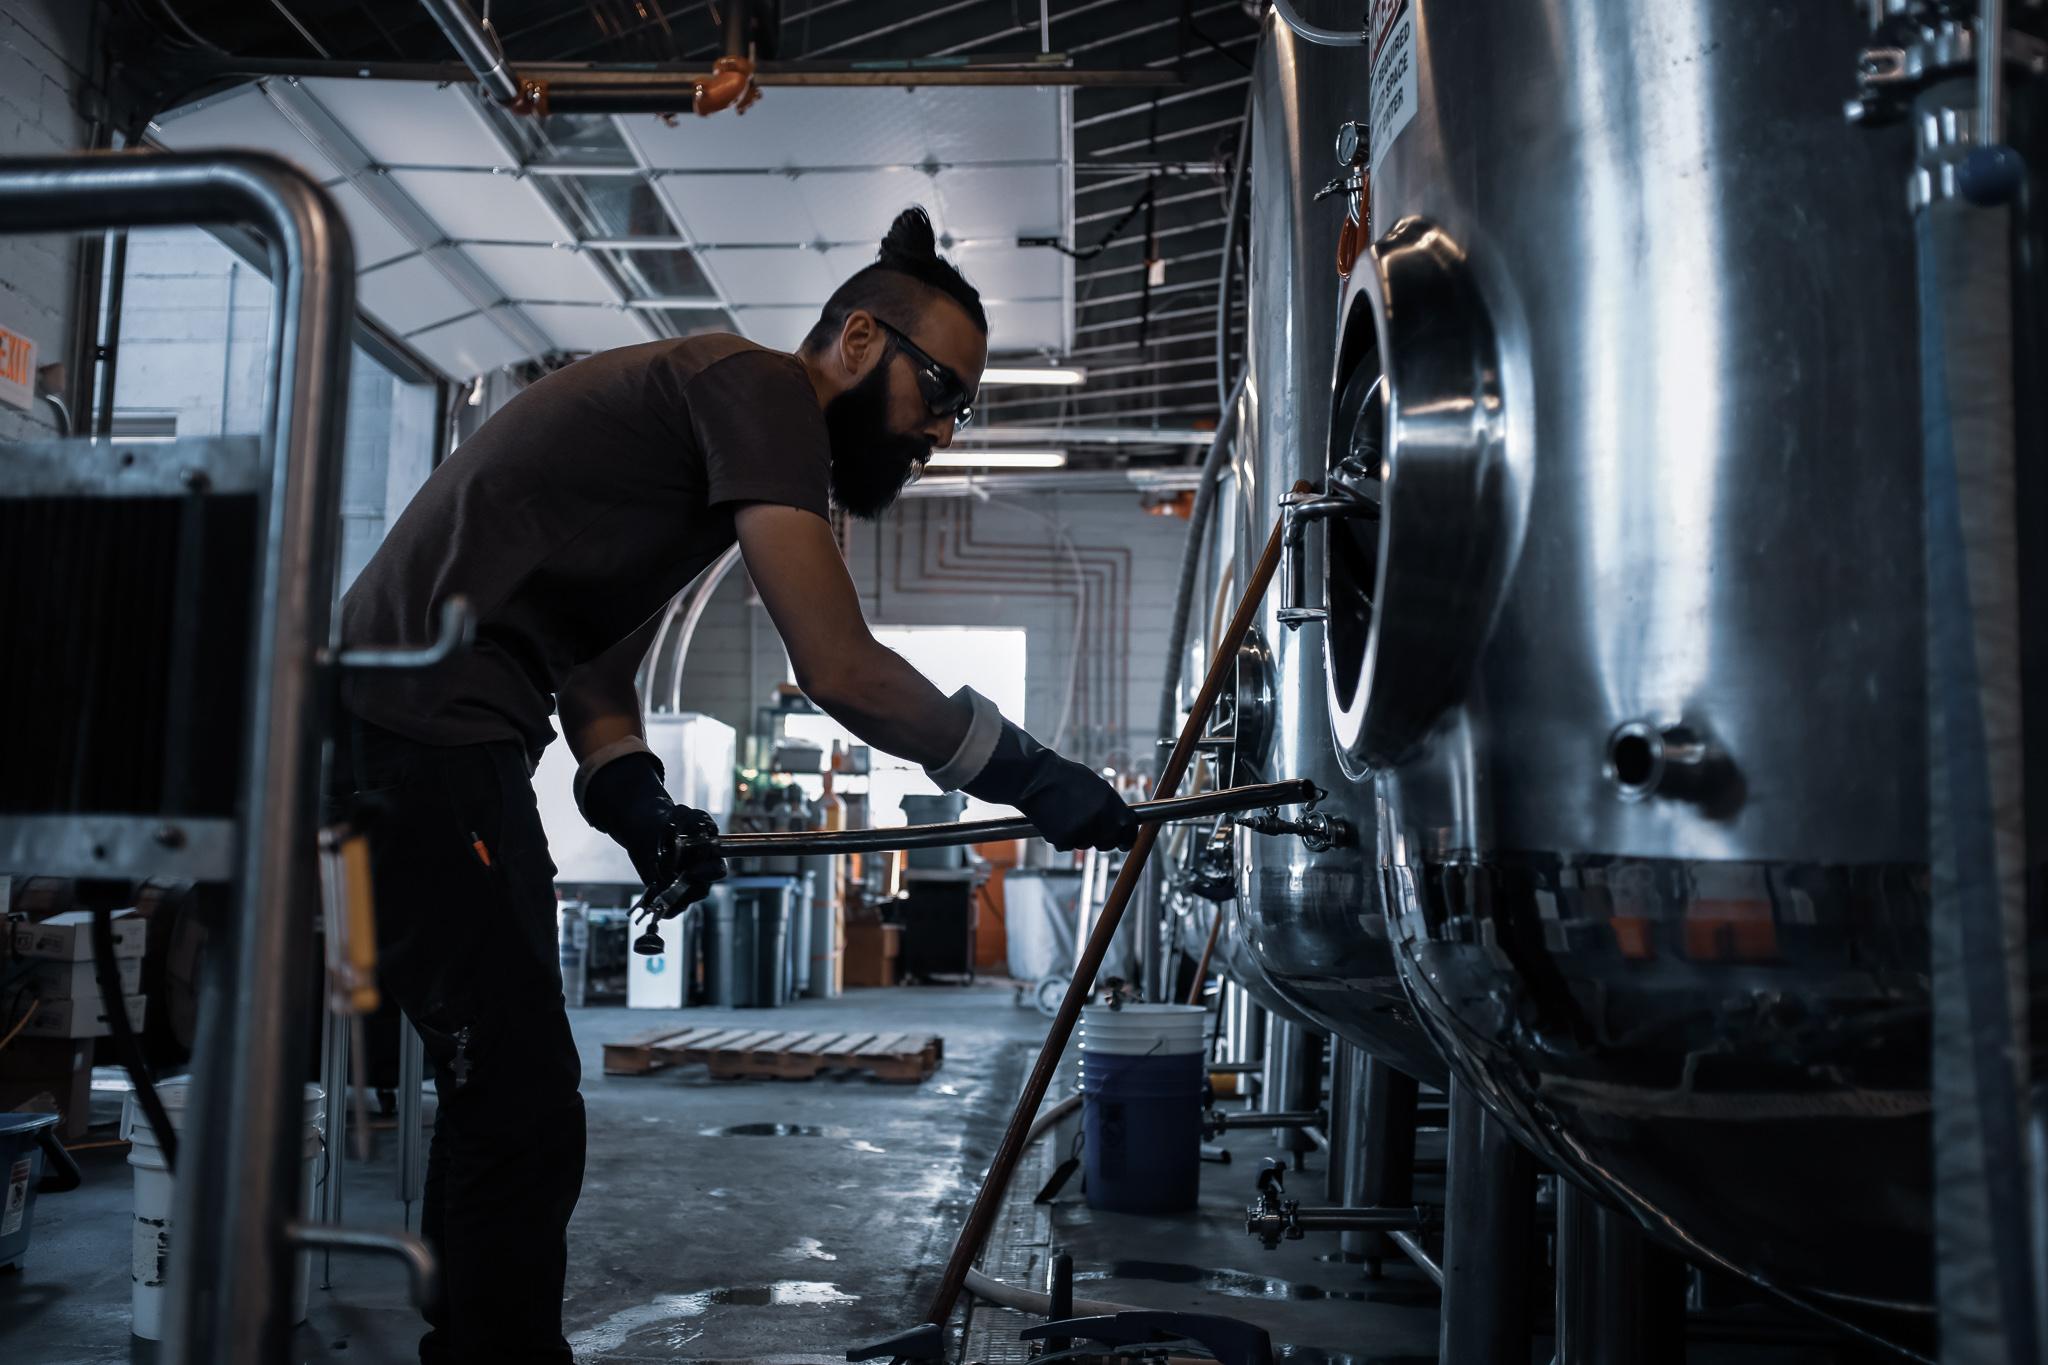 Brewer at work